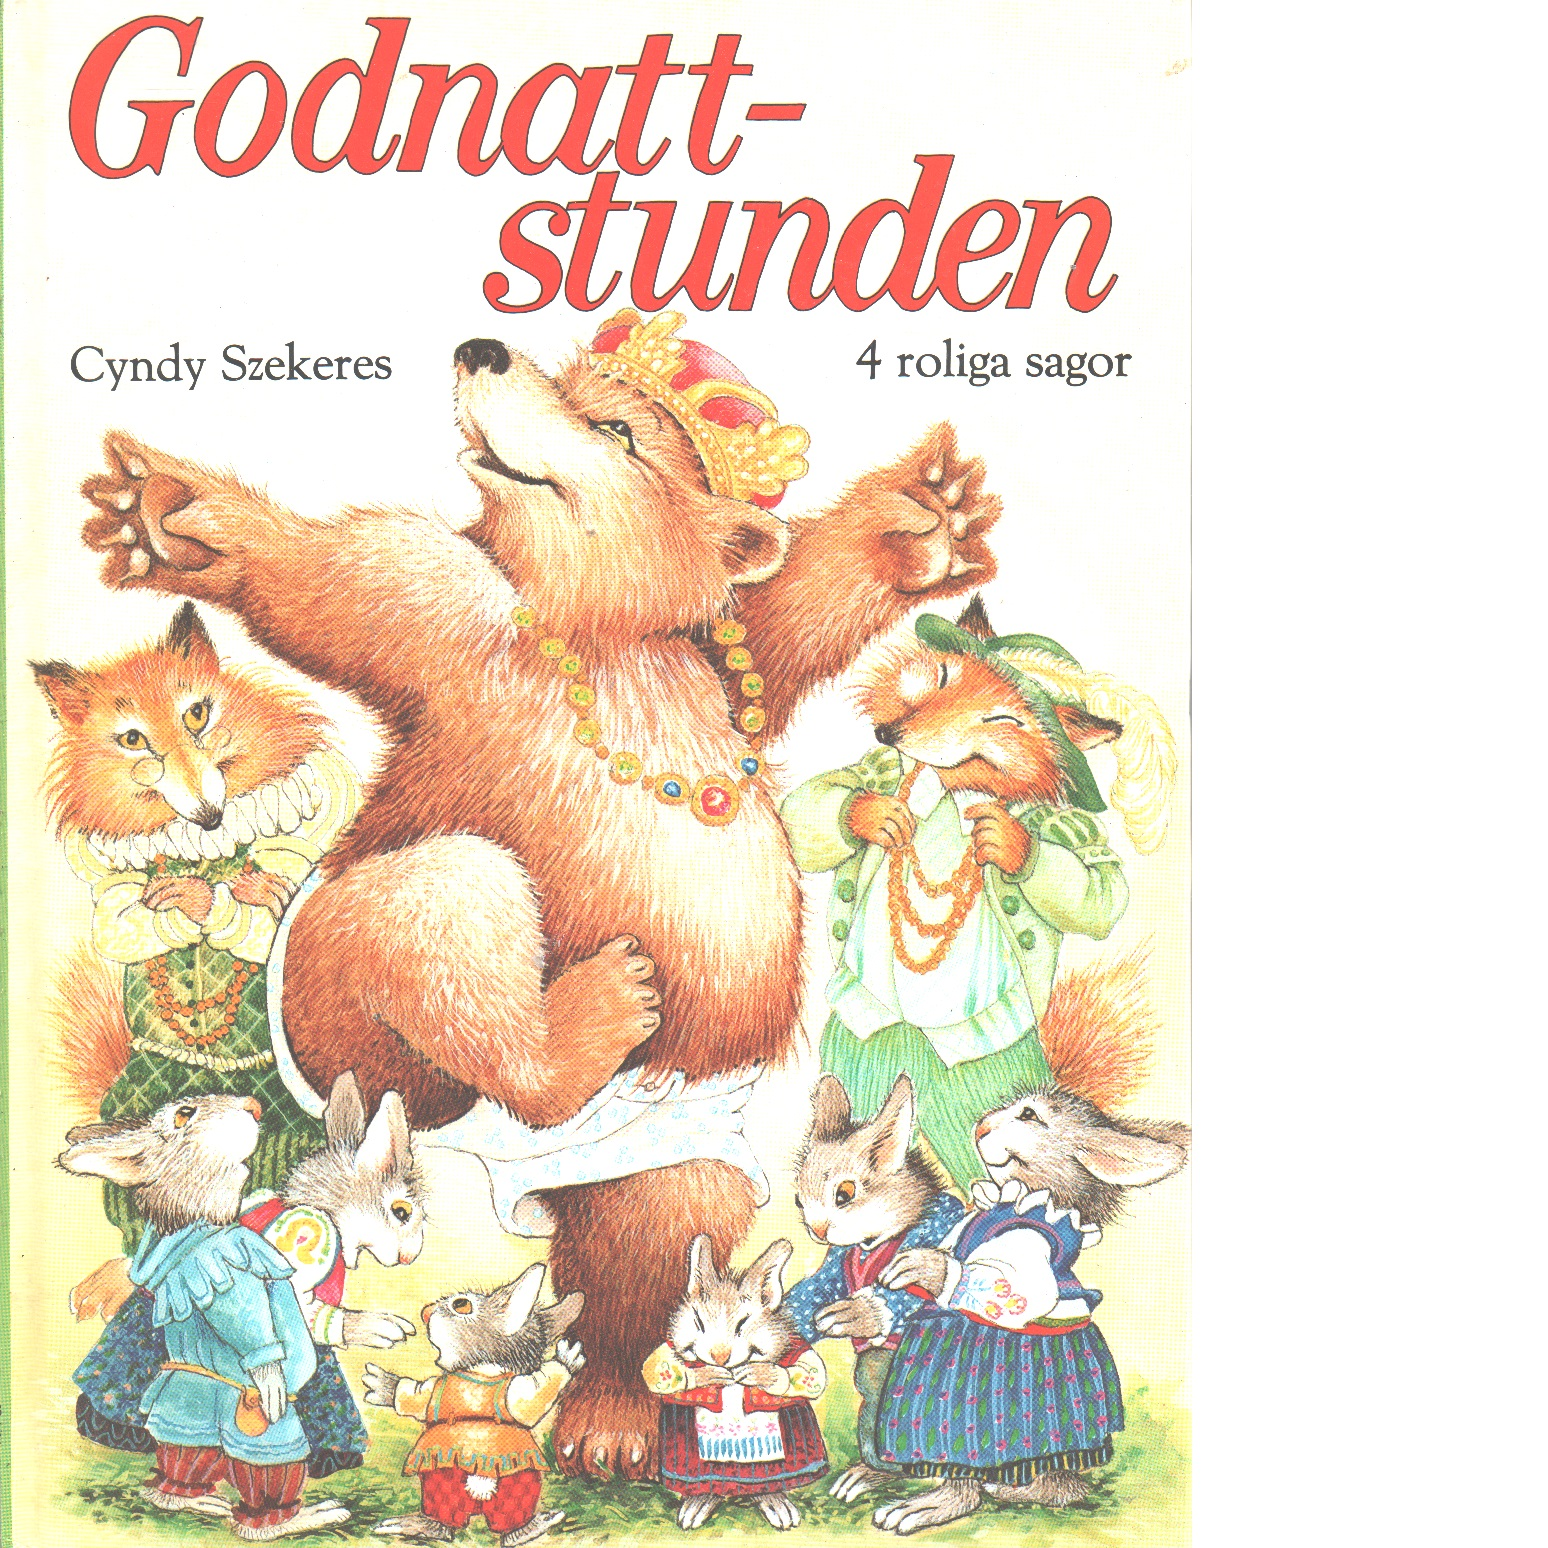 Godnatt-stunden - Szekeres, Cyndy